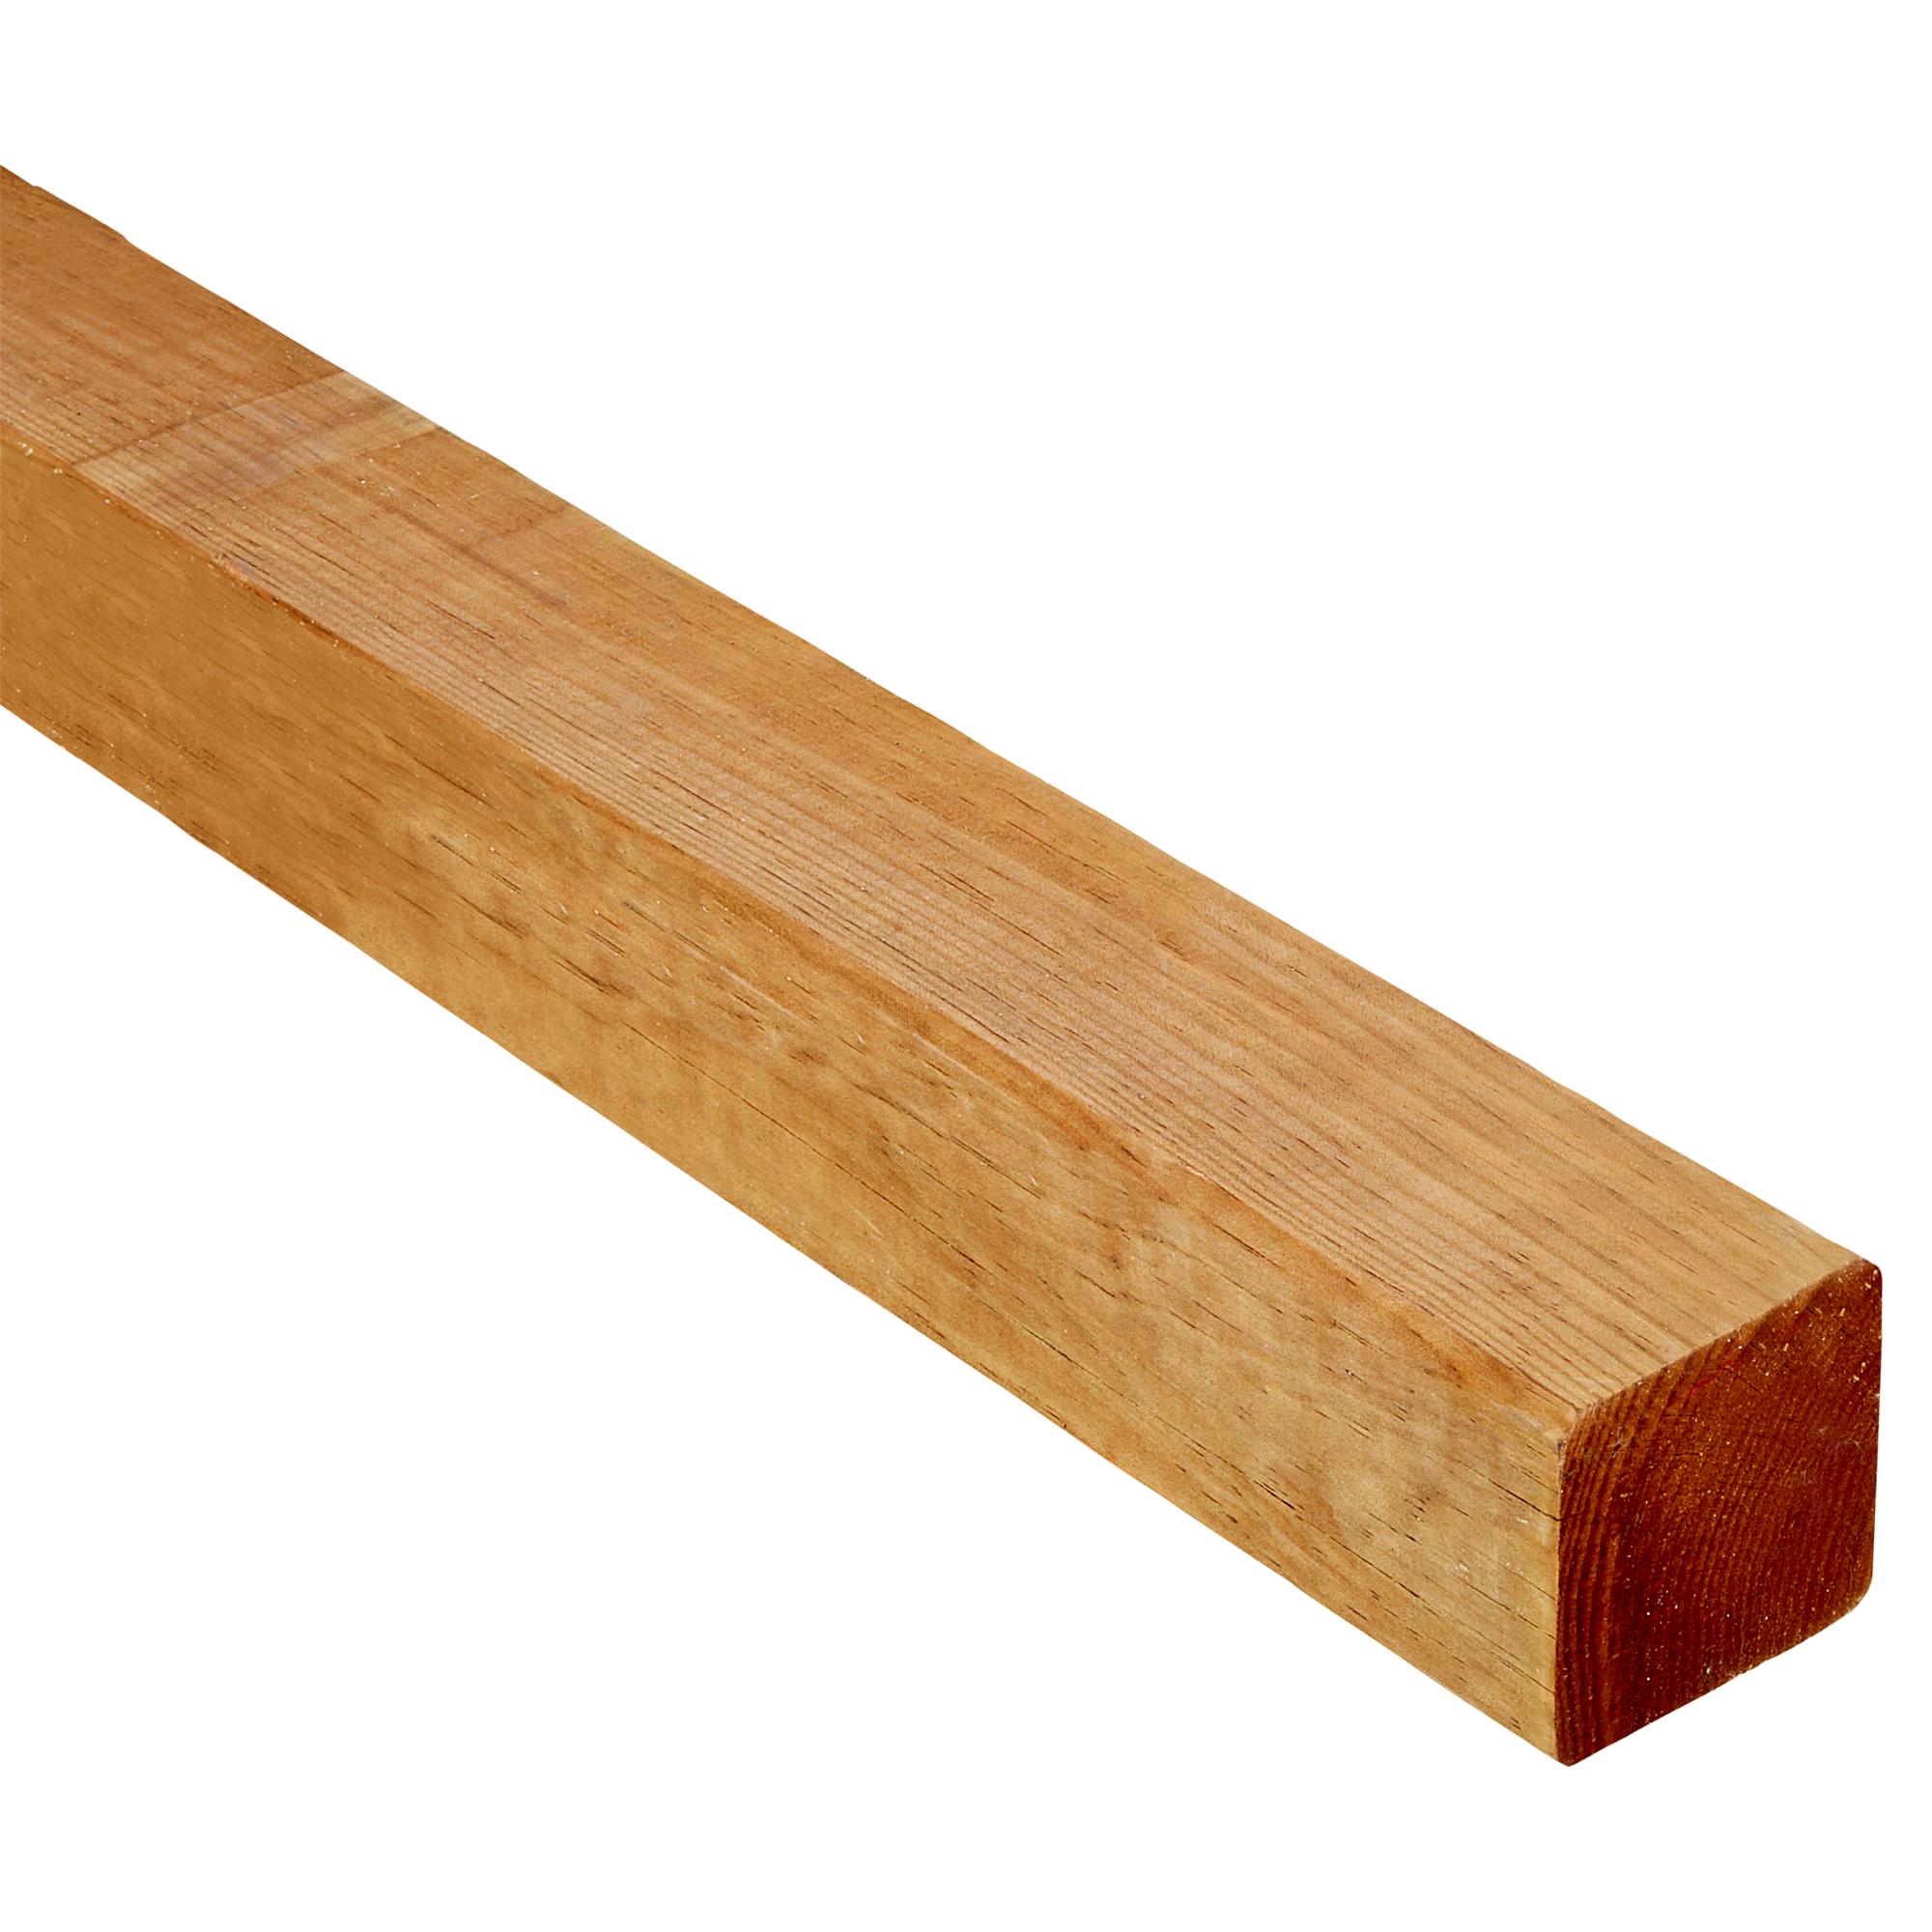 Vierkantpfosten Braun 7 X 7 X 180 Cm ǀ Toom Baumarkt